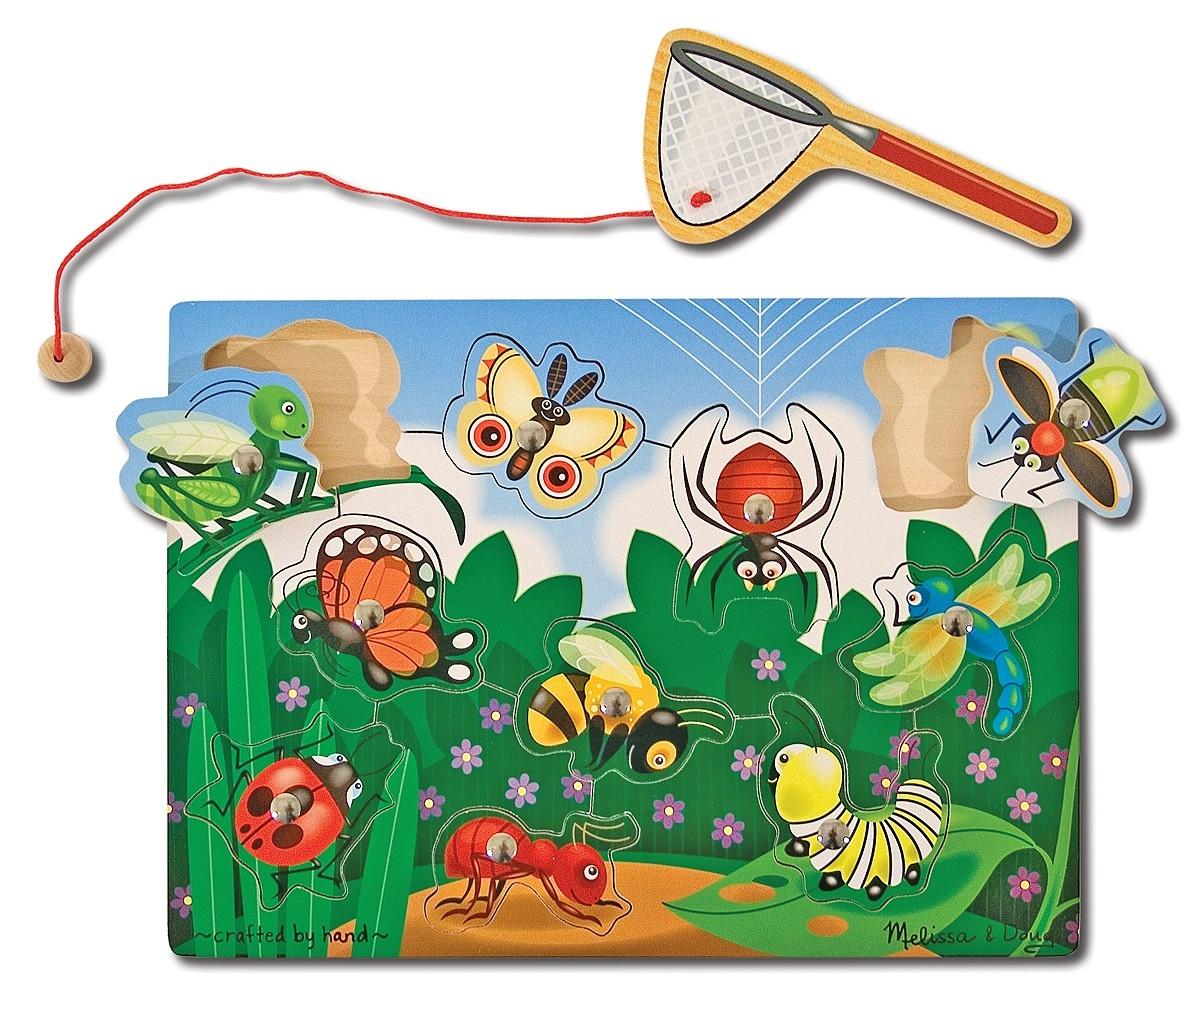 Пазл Ловля насекомых из серии Магнитные игрыПазлы для малышей<br>Пазл Ловля насекомых из серии Магнитные игры<br>